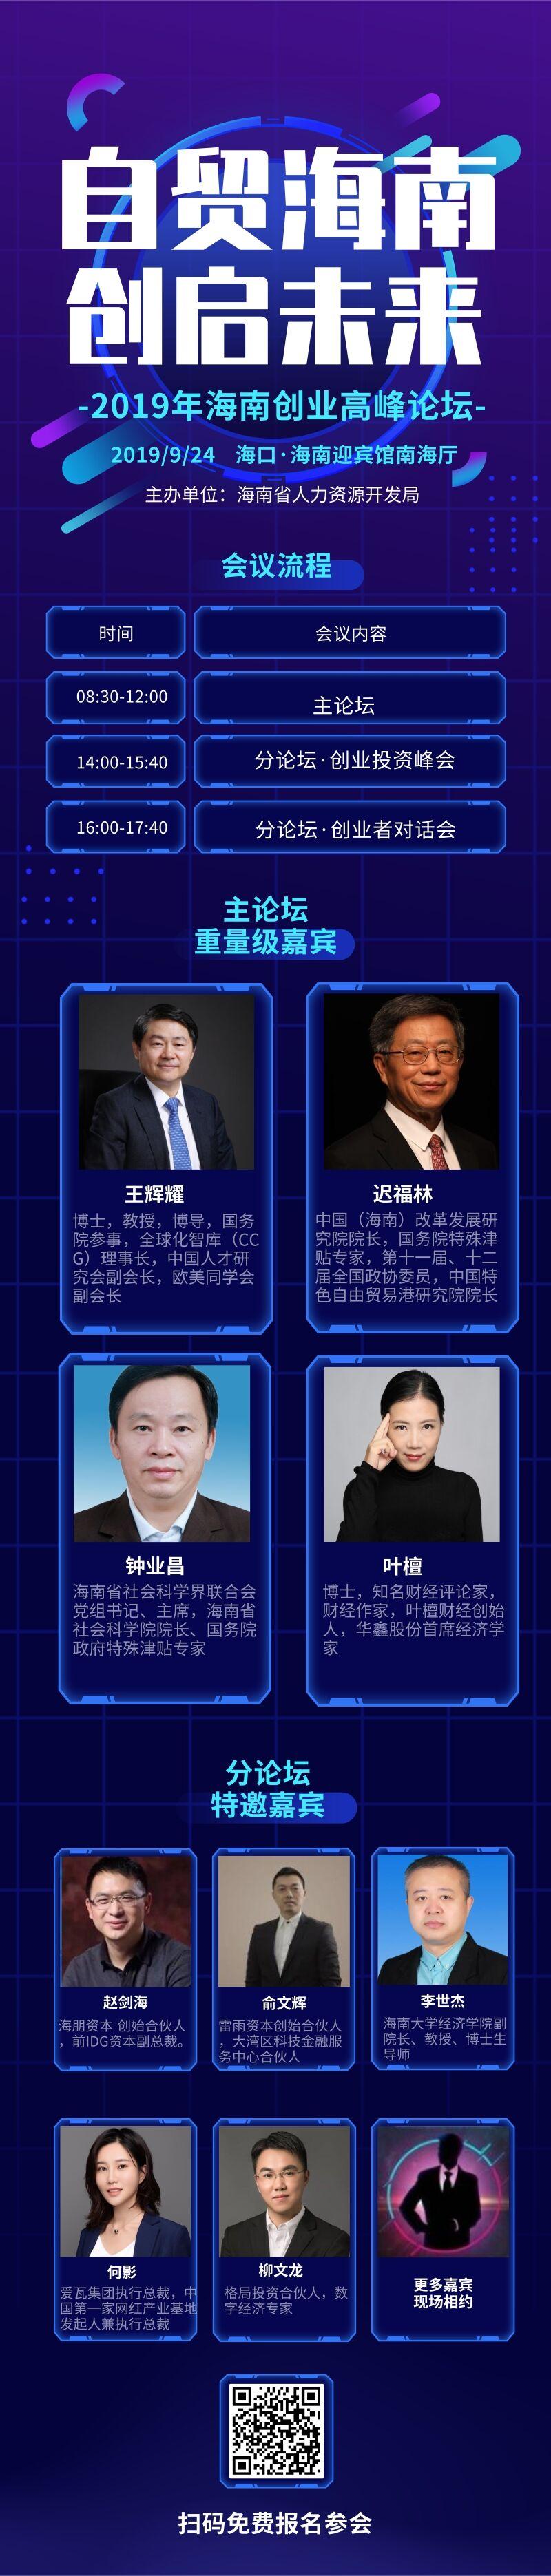 2019年海南创业高峰论坛   海朋资本创始合伙人赵剑海:创业还需十年磨一剑